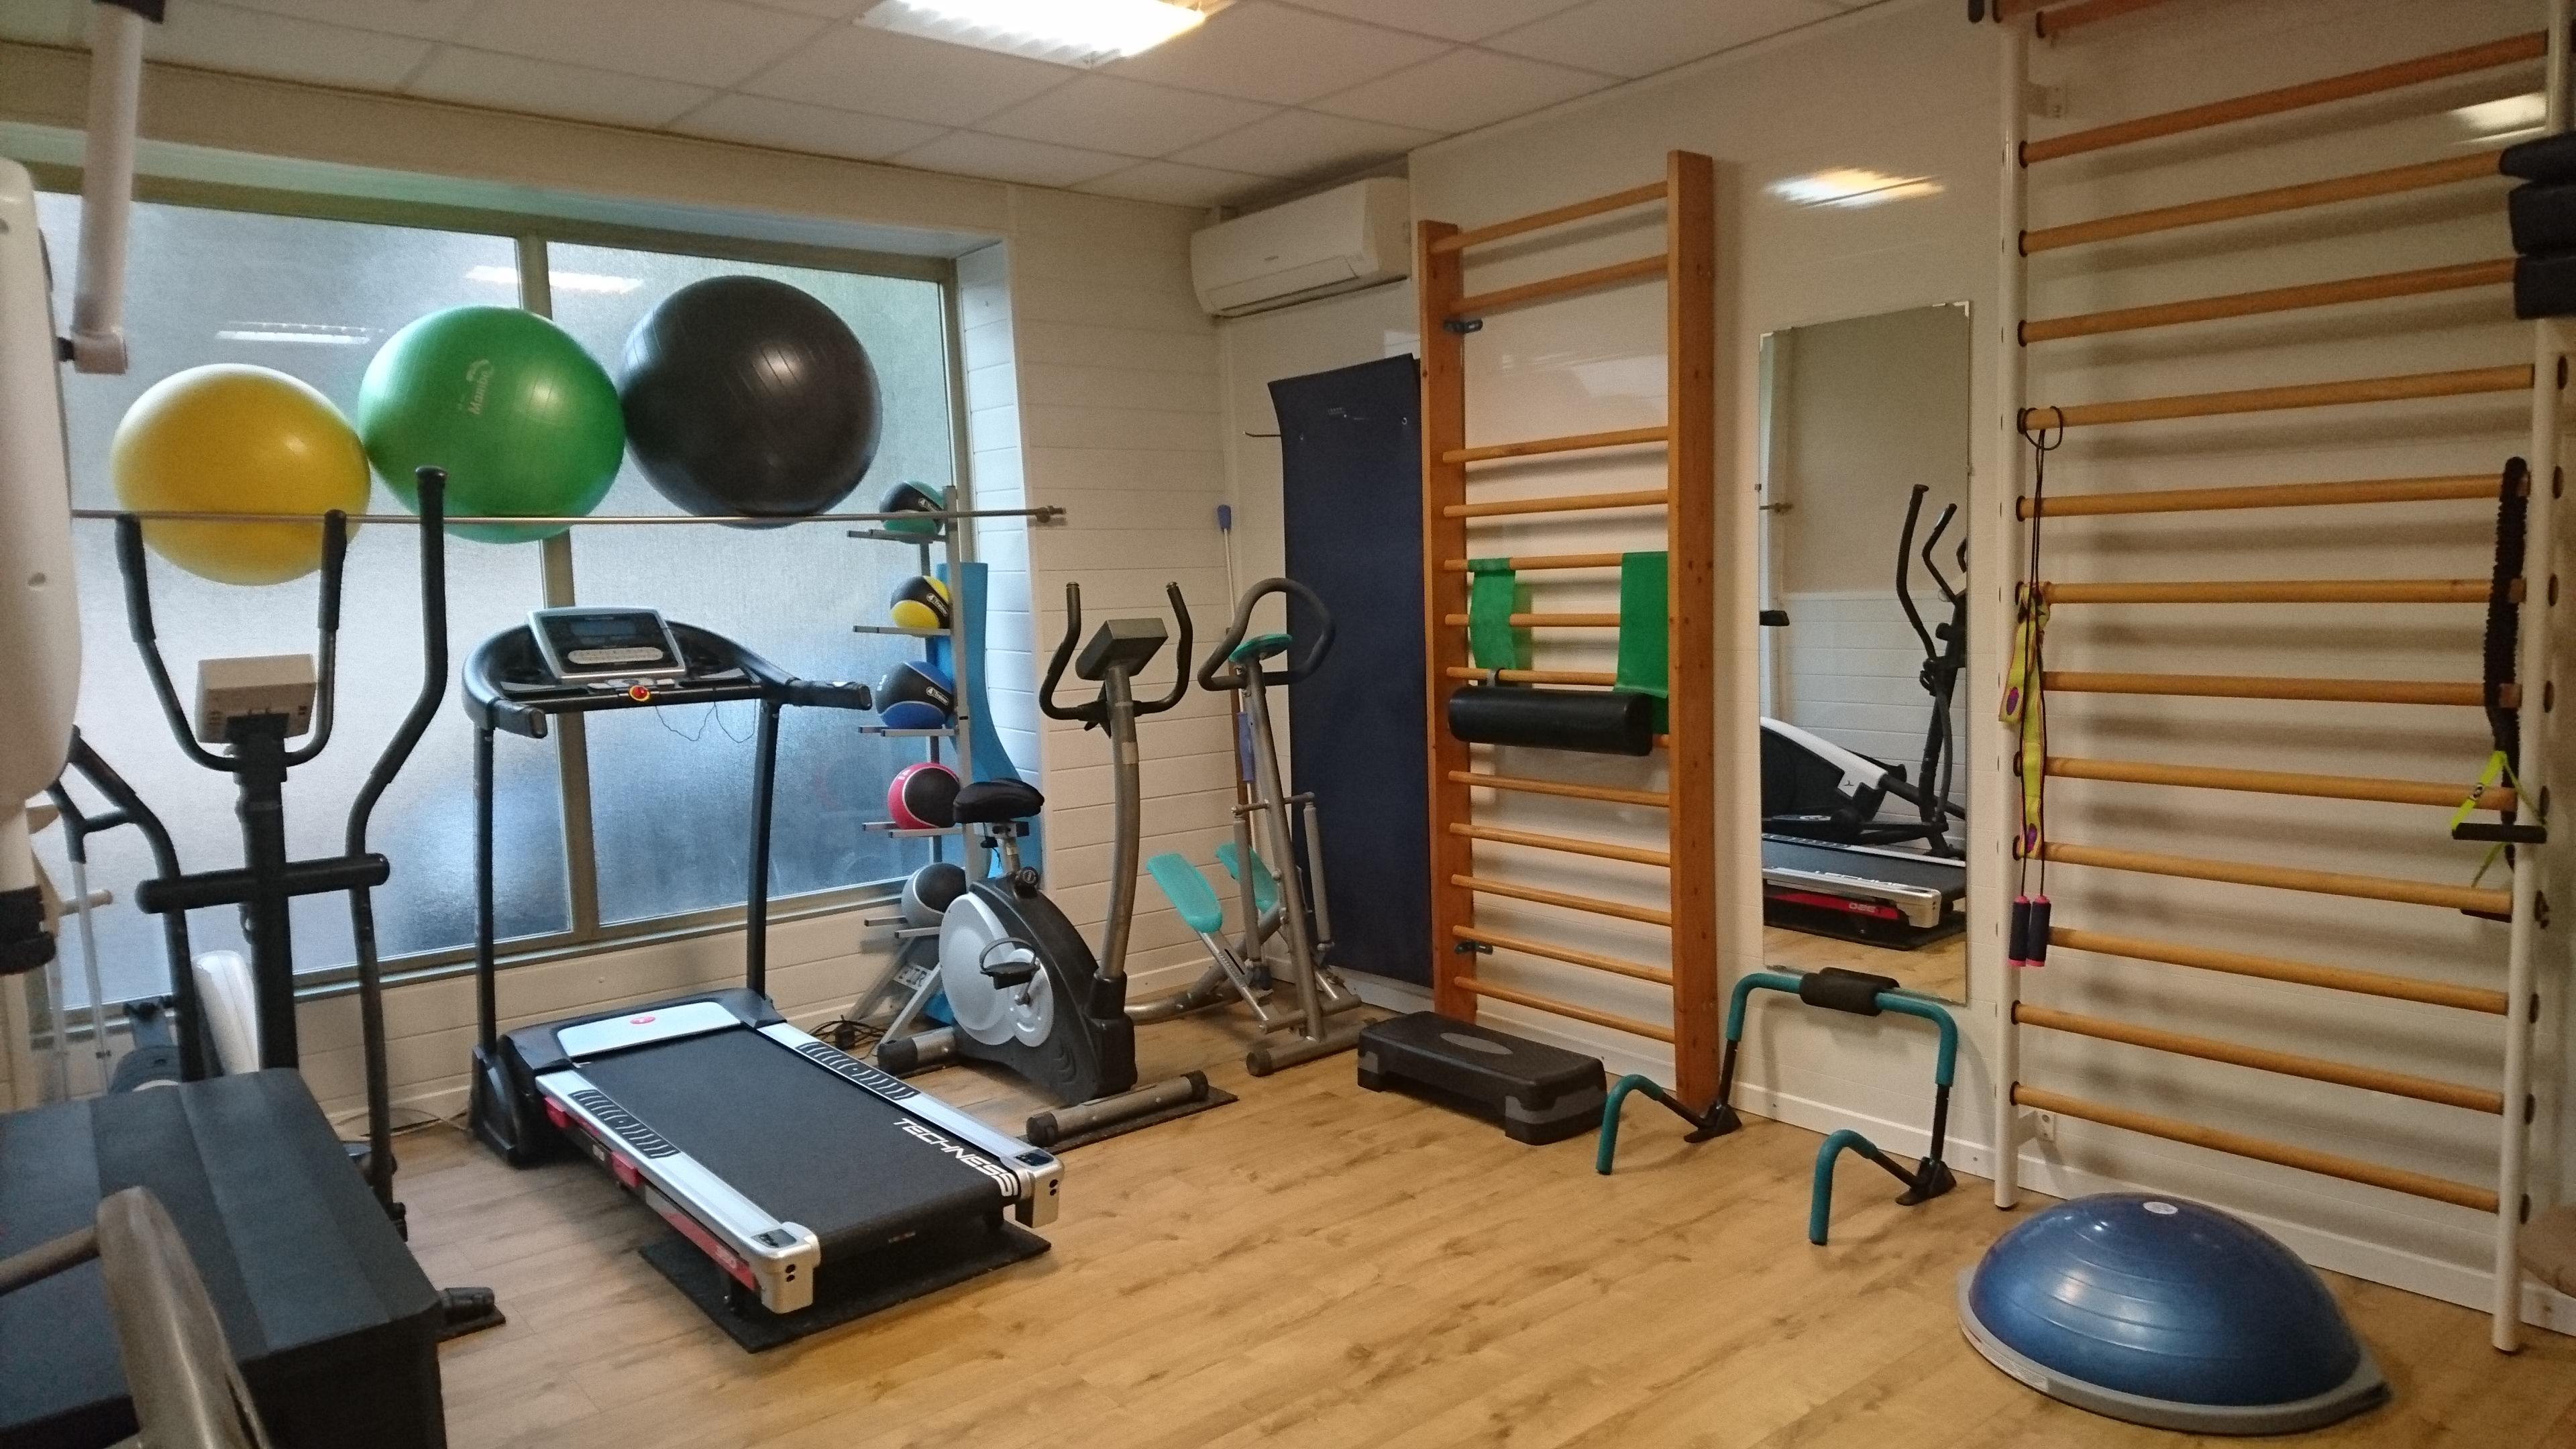 La salle de sport du cabinet de kinésithérapie